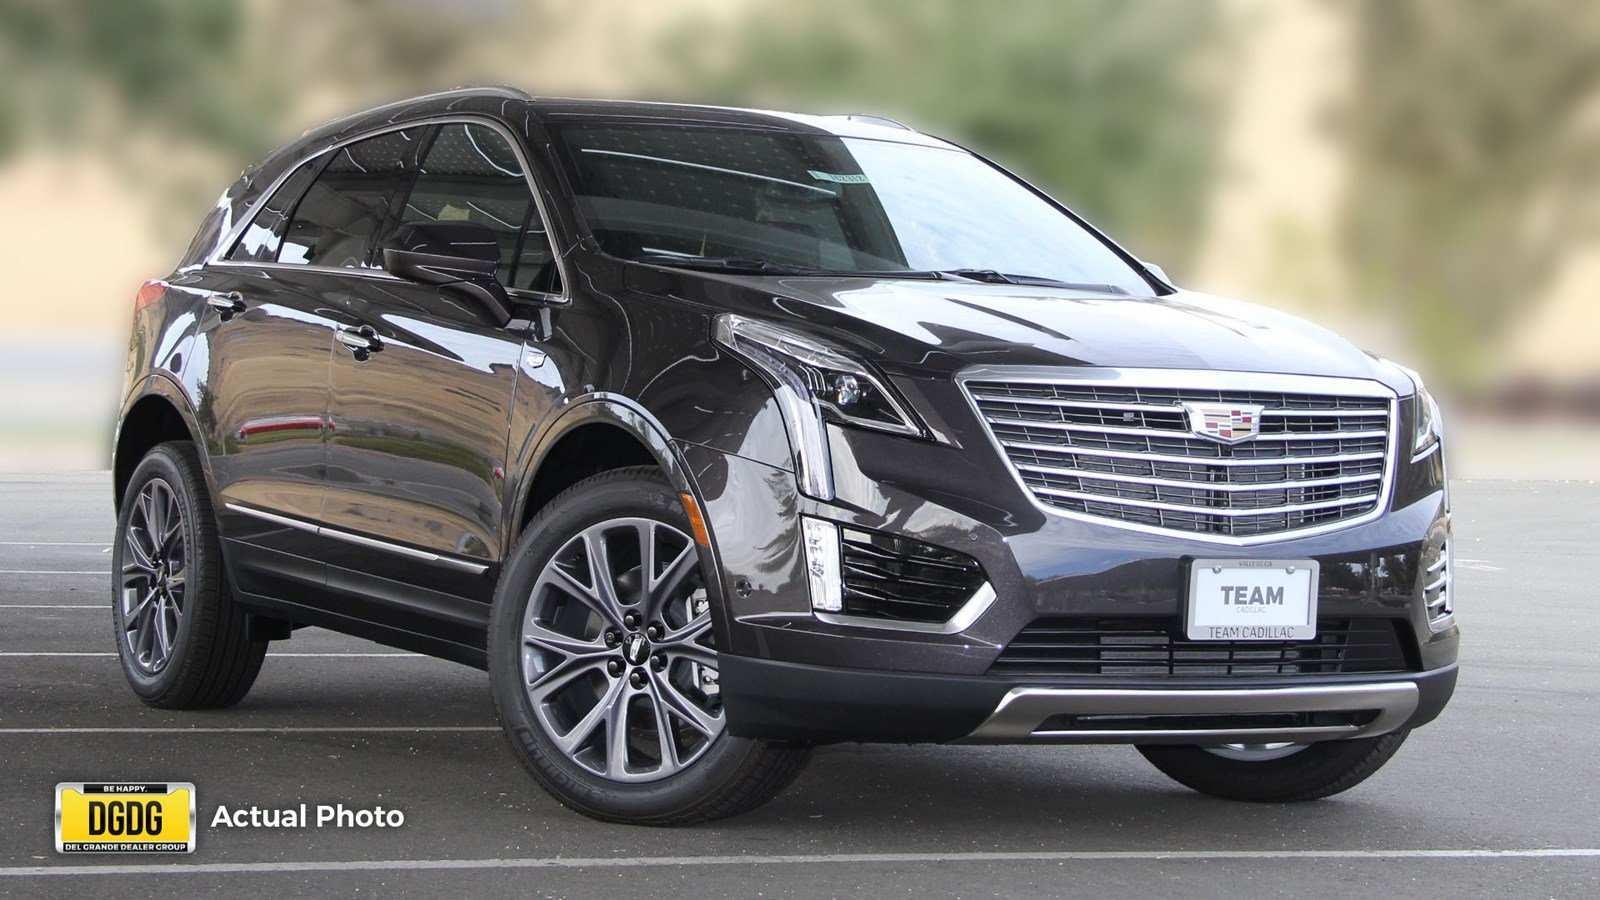 43 Concept of 2019 Cadillac Pics Exterior for 2019 Cadillac Pics